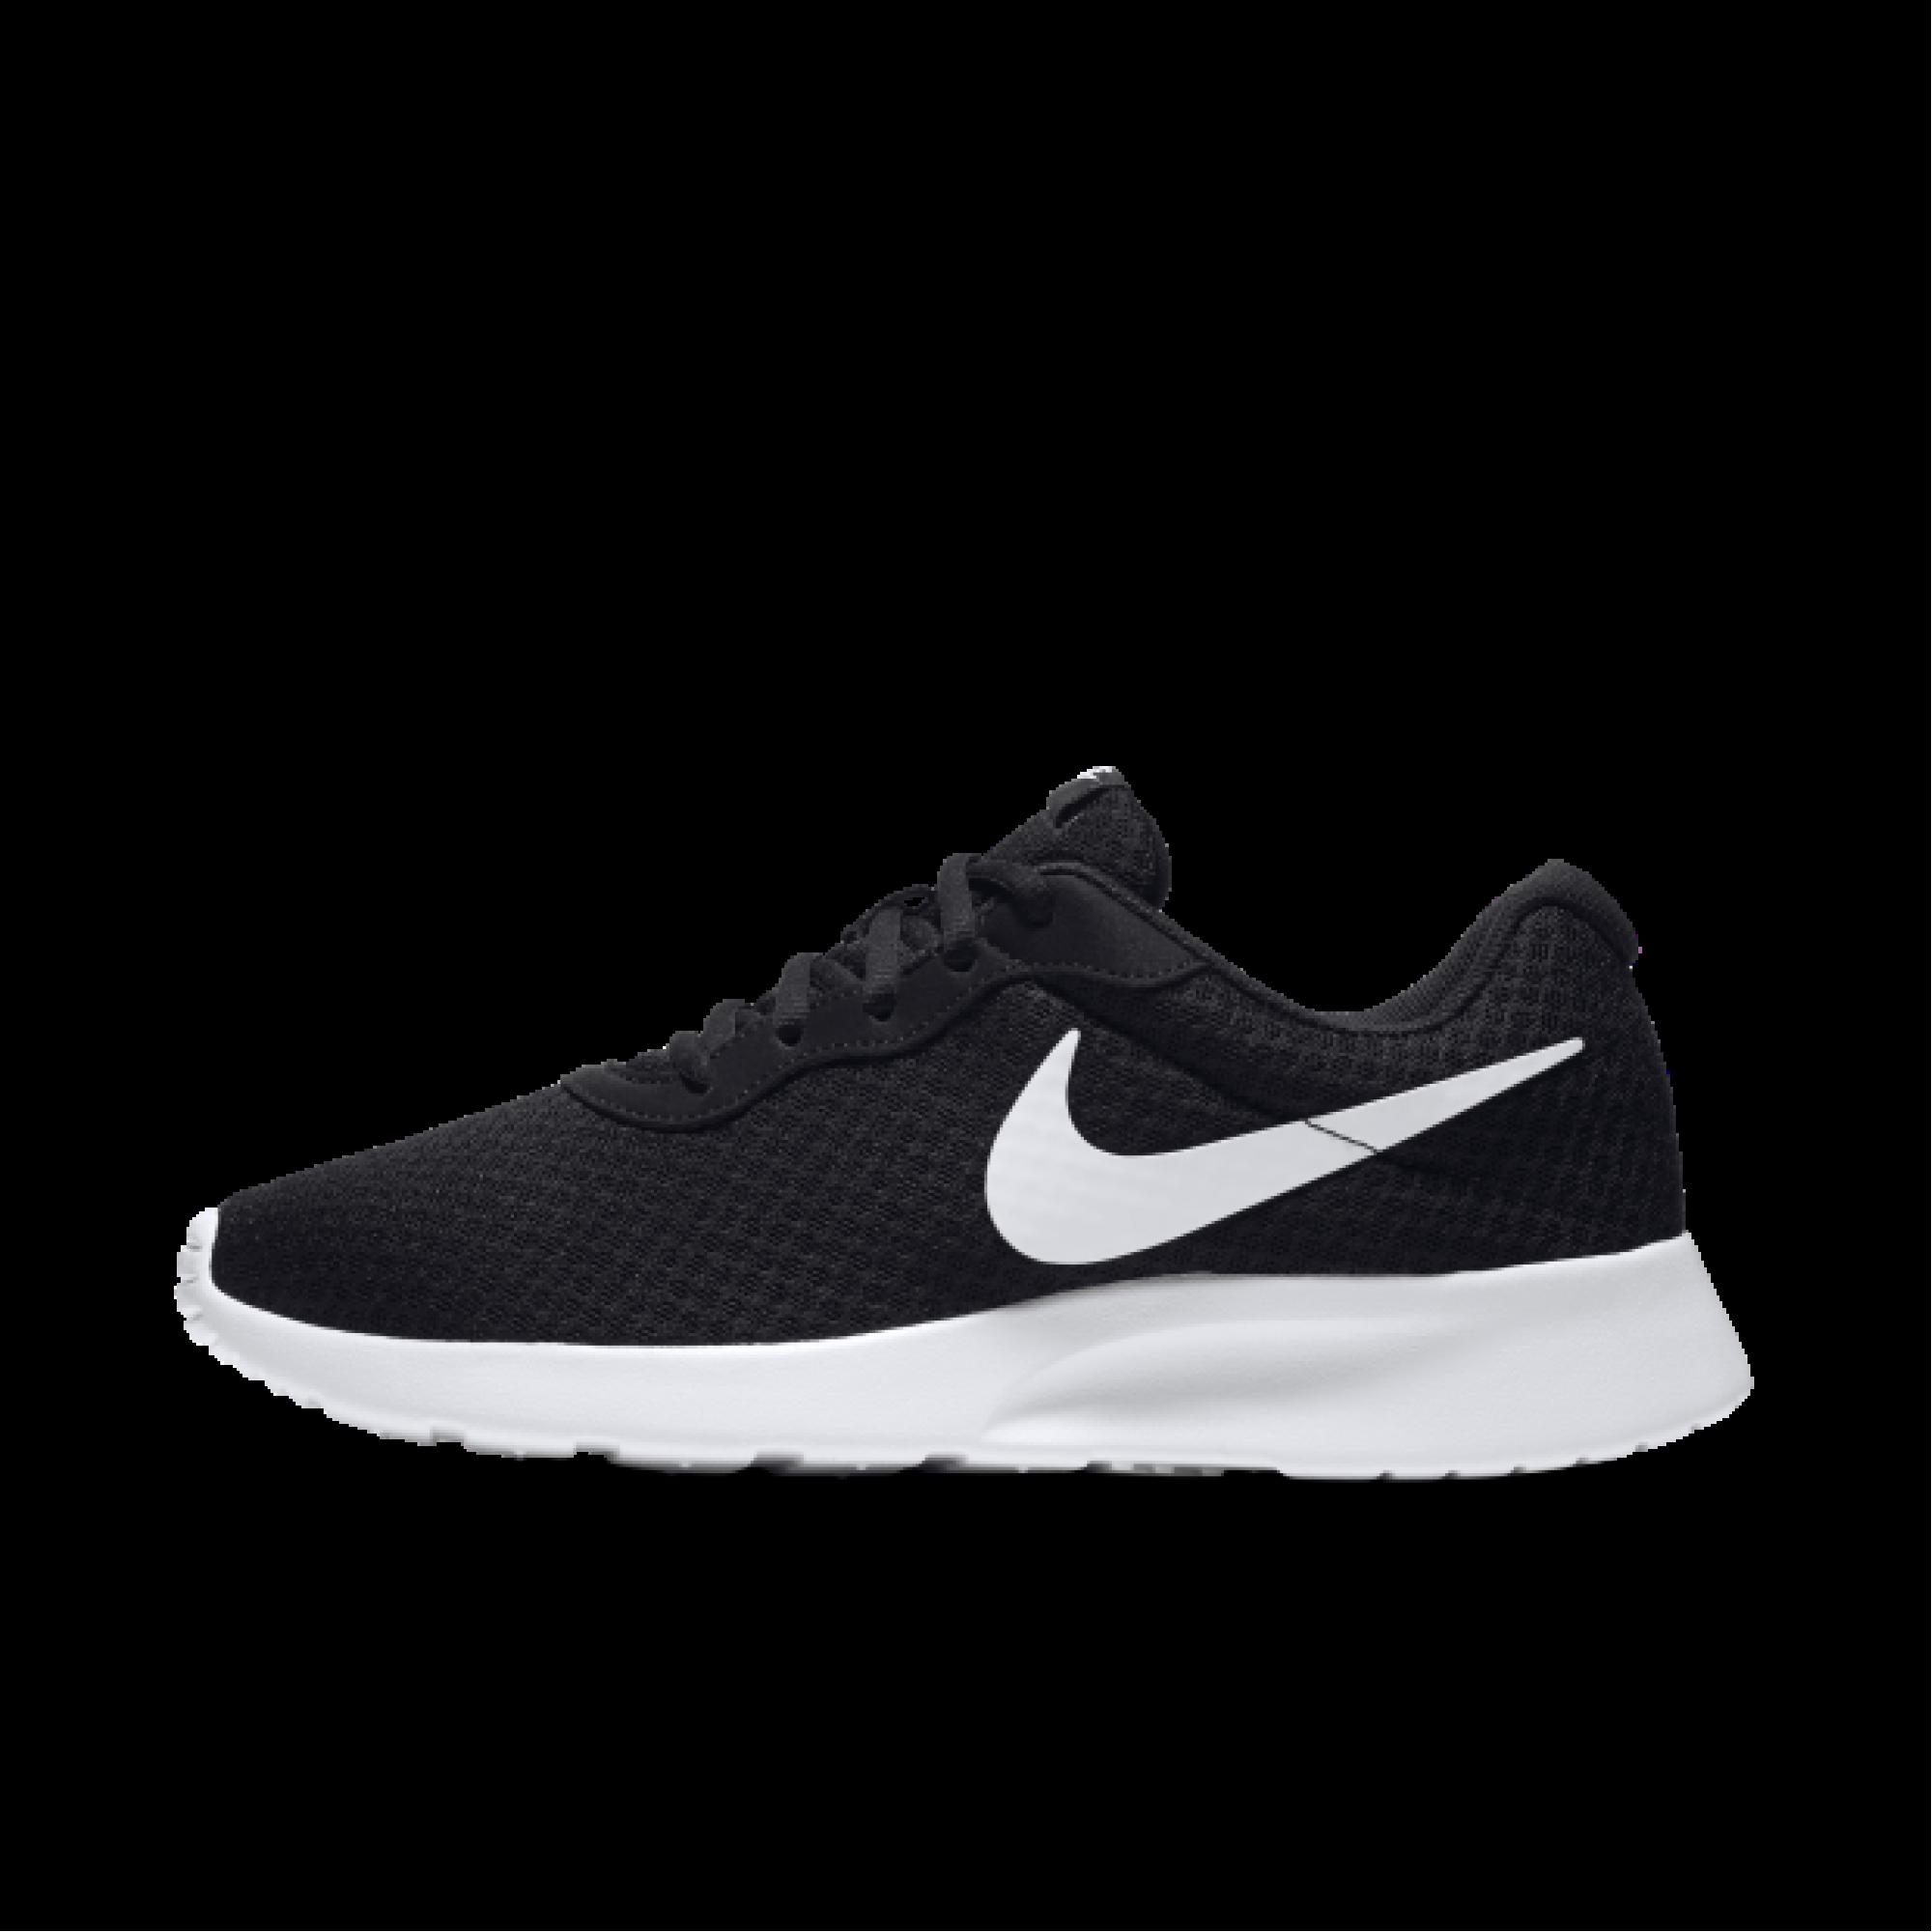 f629a21f4d8 Men's Nike Tanjun Black - White | 812654-011 Ανδρικό Μαύρο - Λευκό